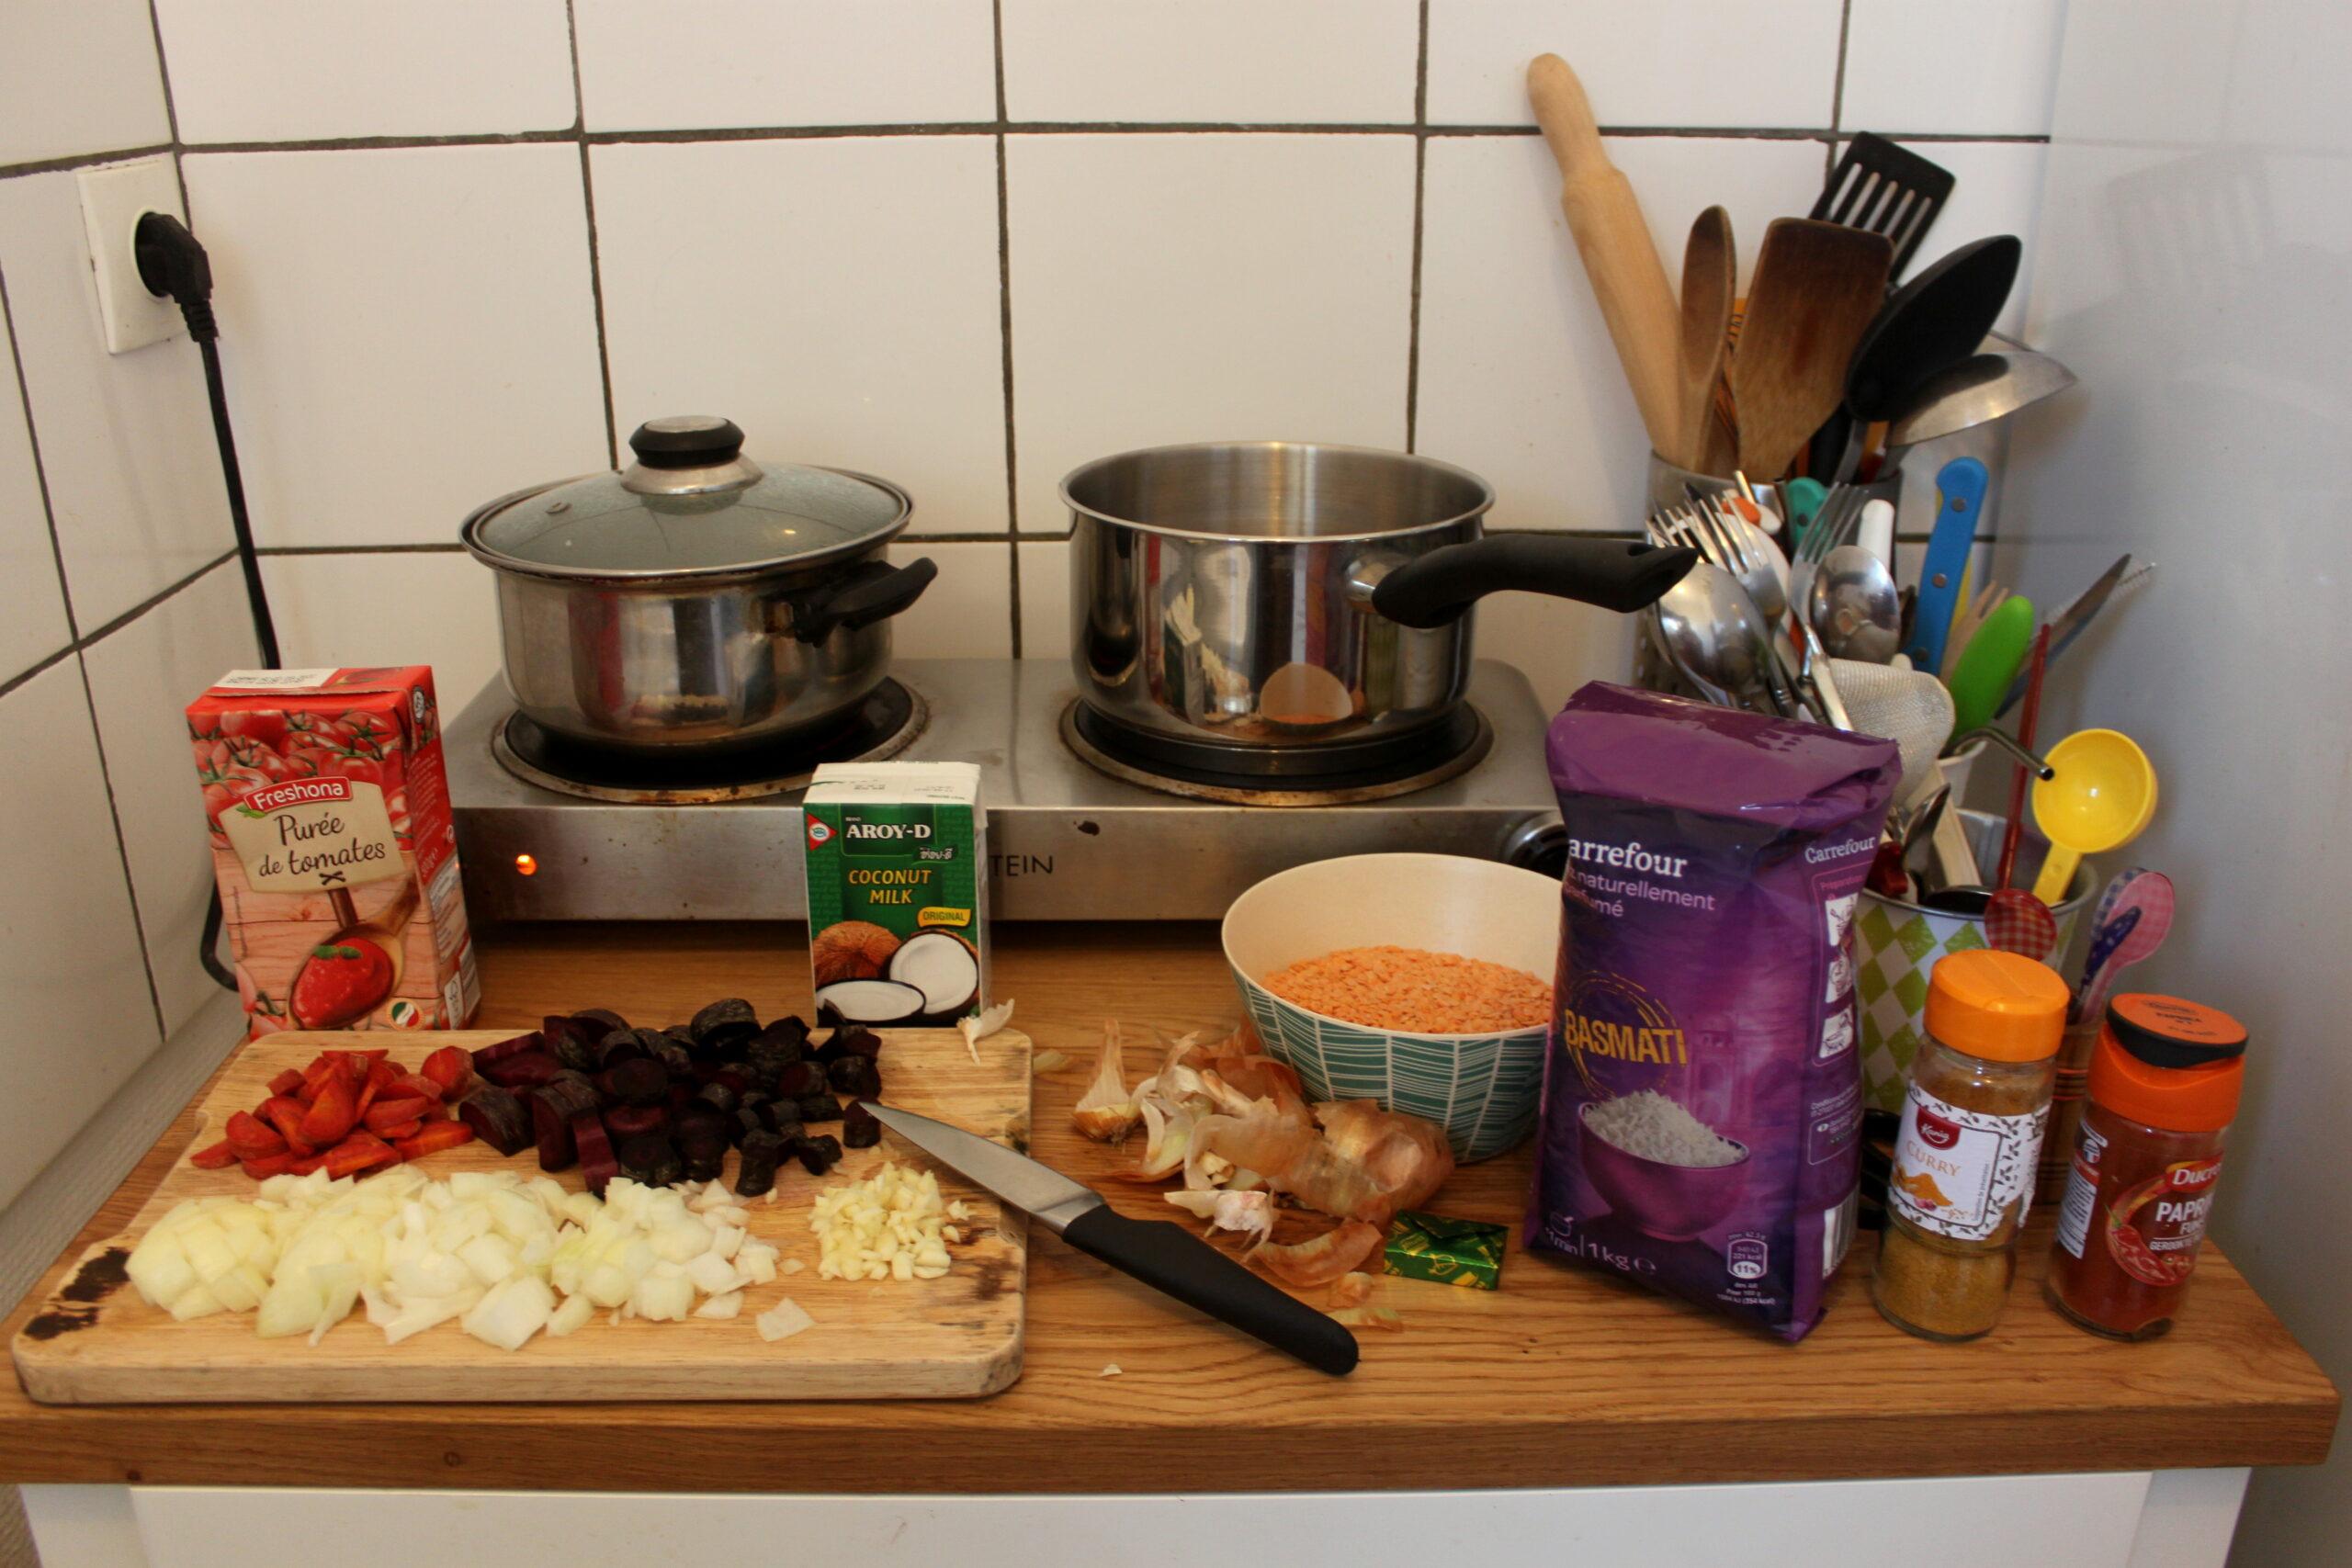 La cuisine de Nina. Sur un petit meuble il y a tout le nécessaire pour faire un curry de lentilles corail. Deux petites plaques électriques sont au fond avec deux casseroles posées dessus.